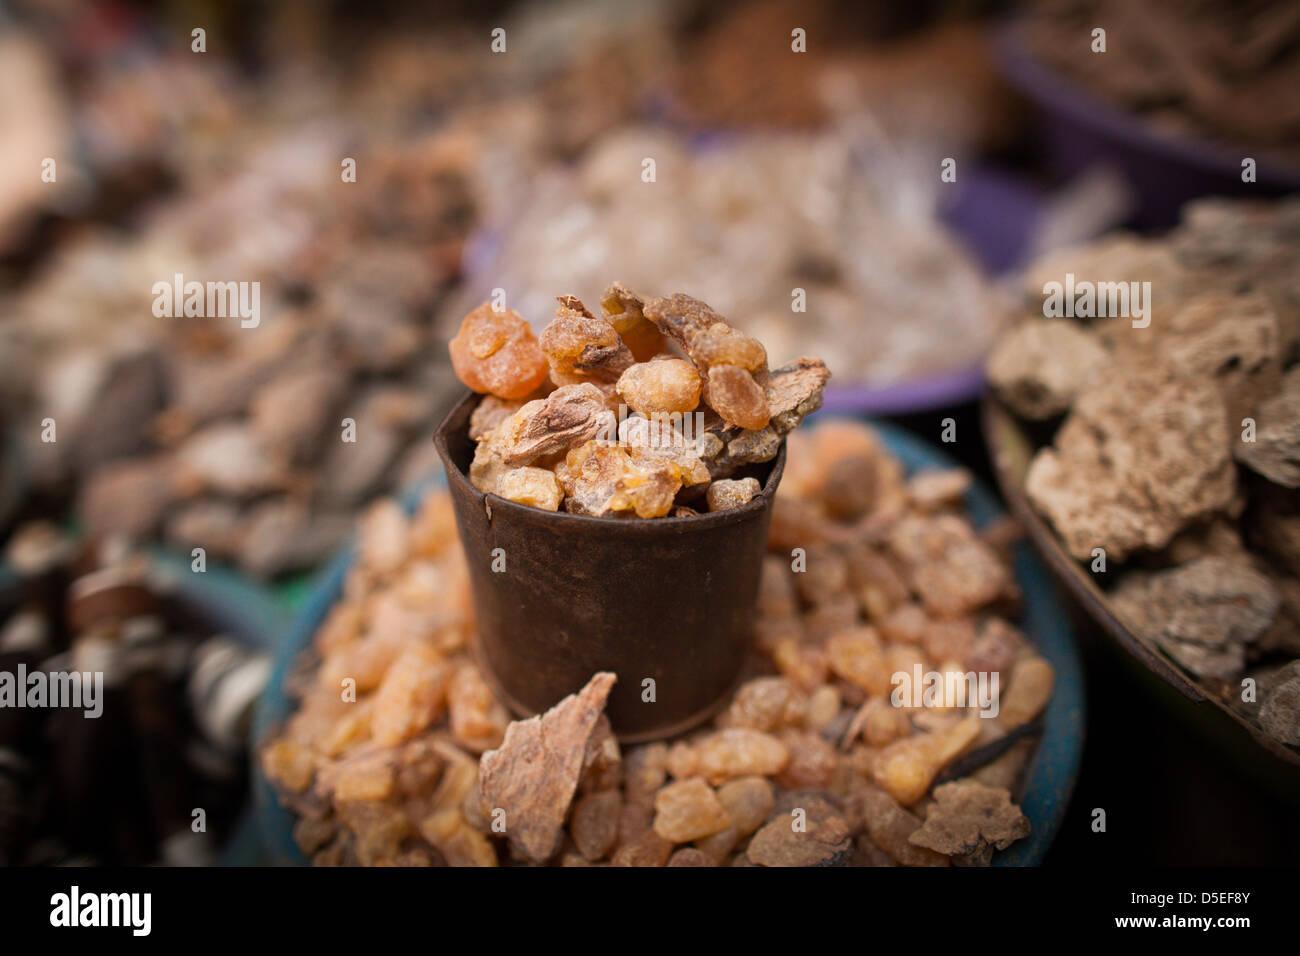 Divers médicaments traditionnels, y compris la myrrhe, dans le marché du bois, Accra, Ghana. Photo Stock